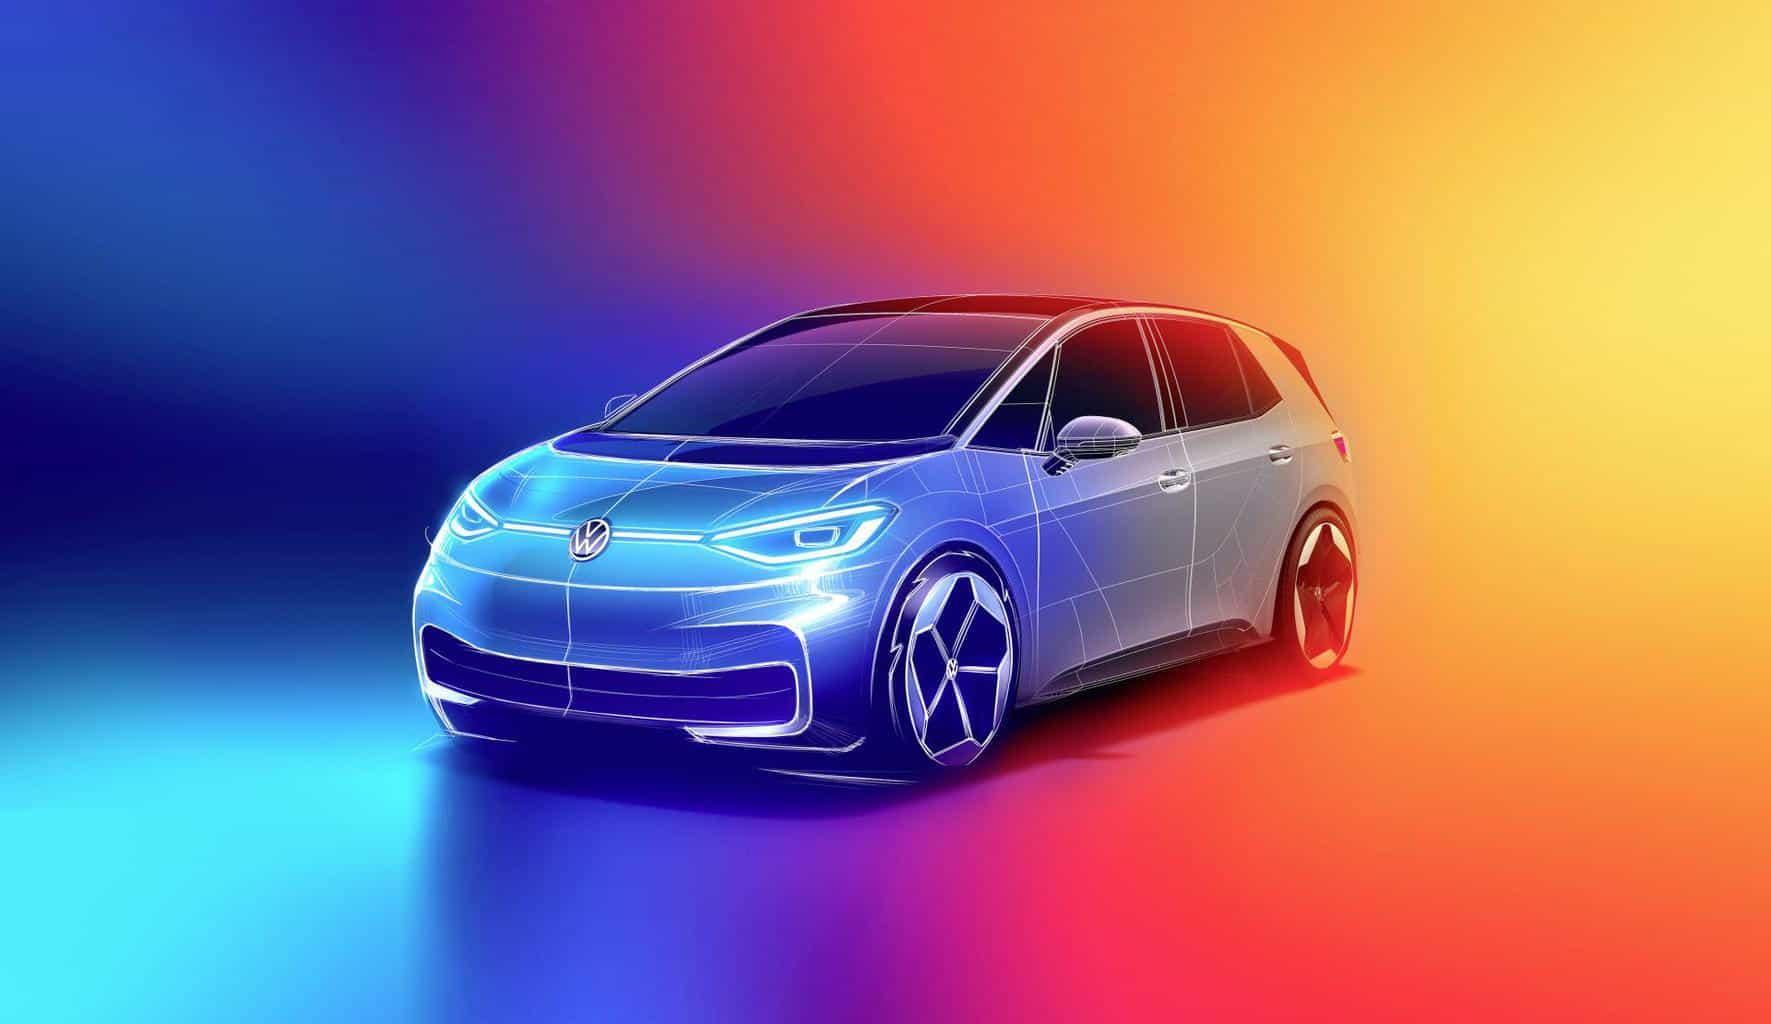 VW ID.3 noch nicht auf der Straße - schon denkt man an die Zukunft